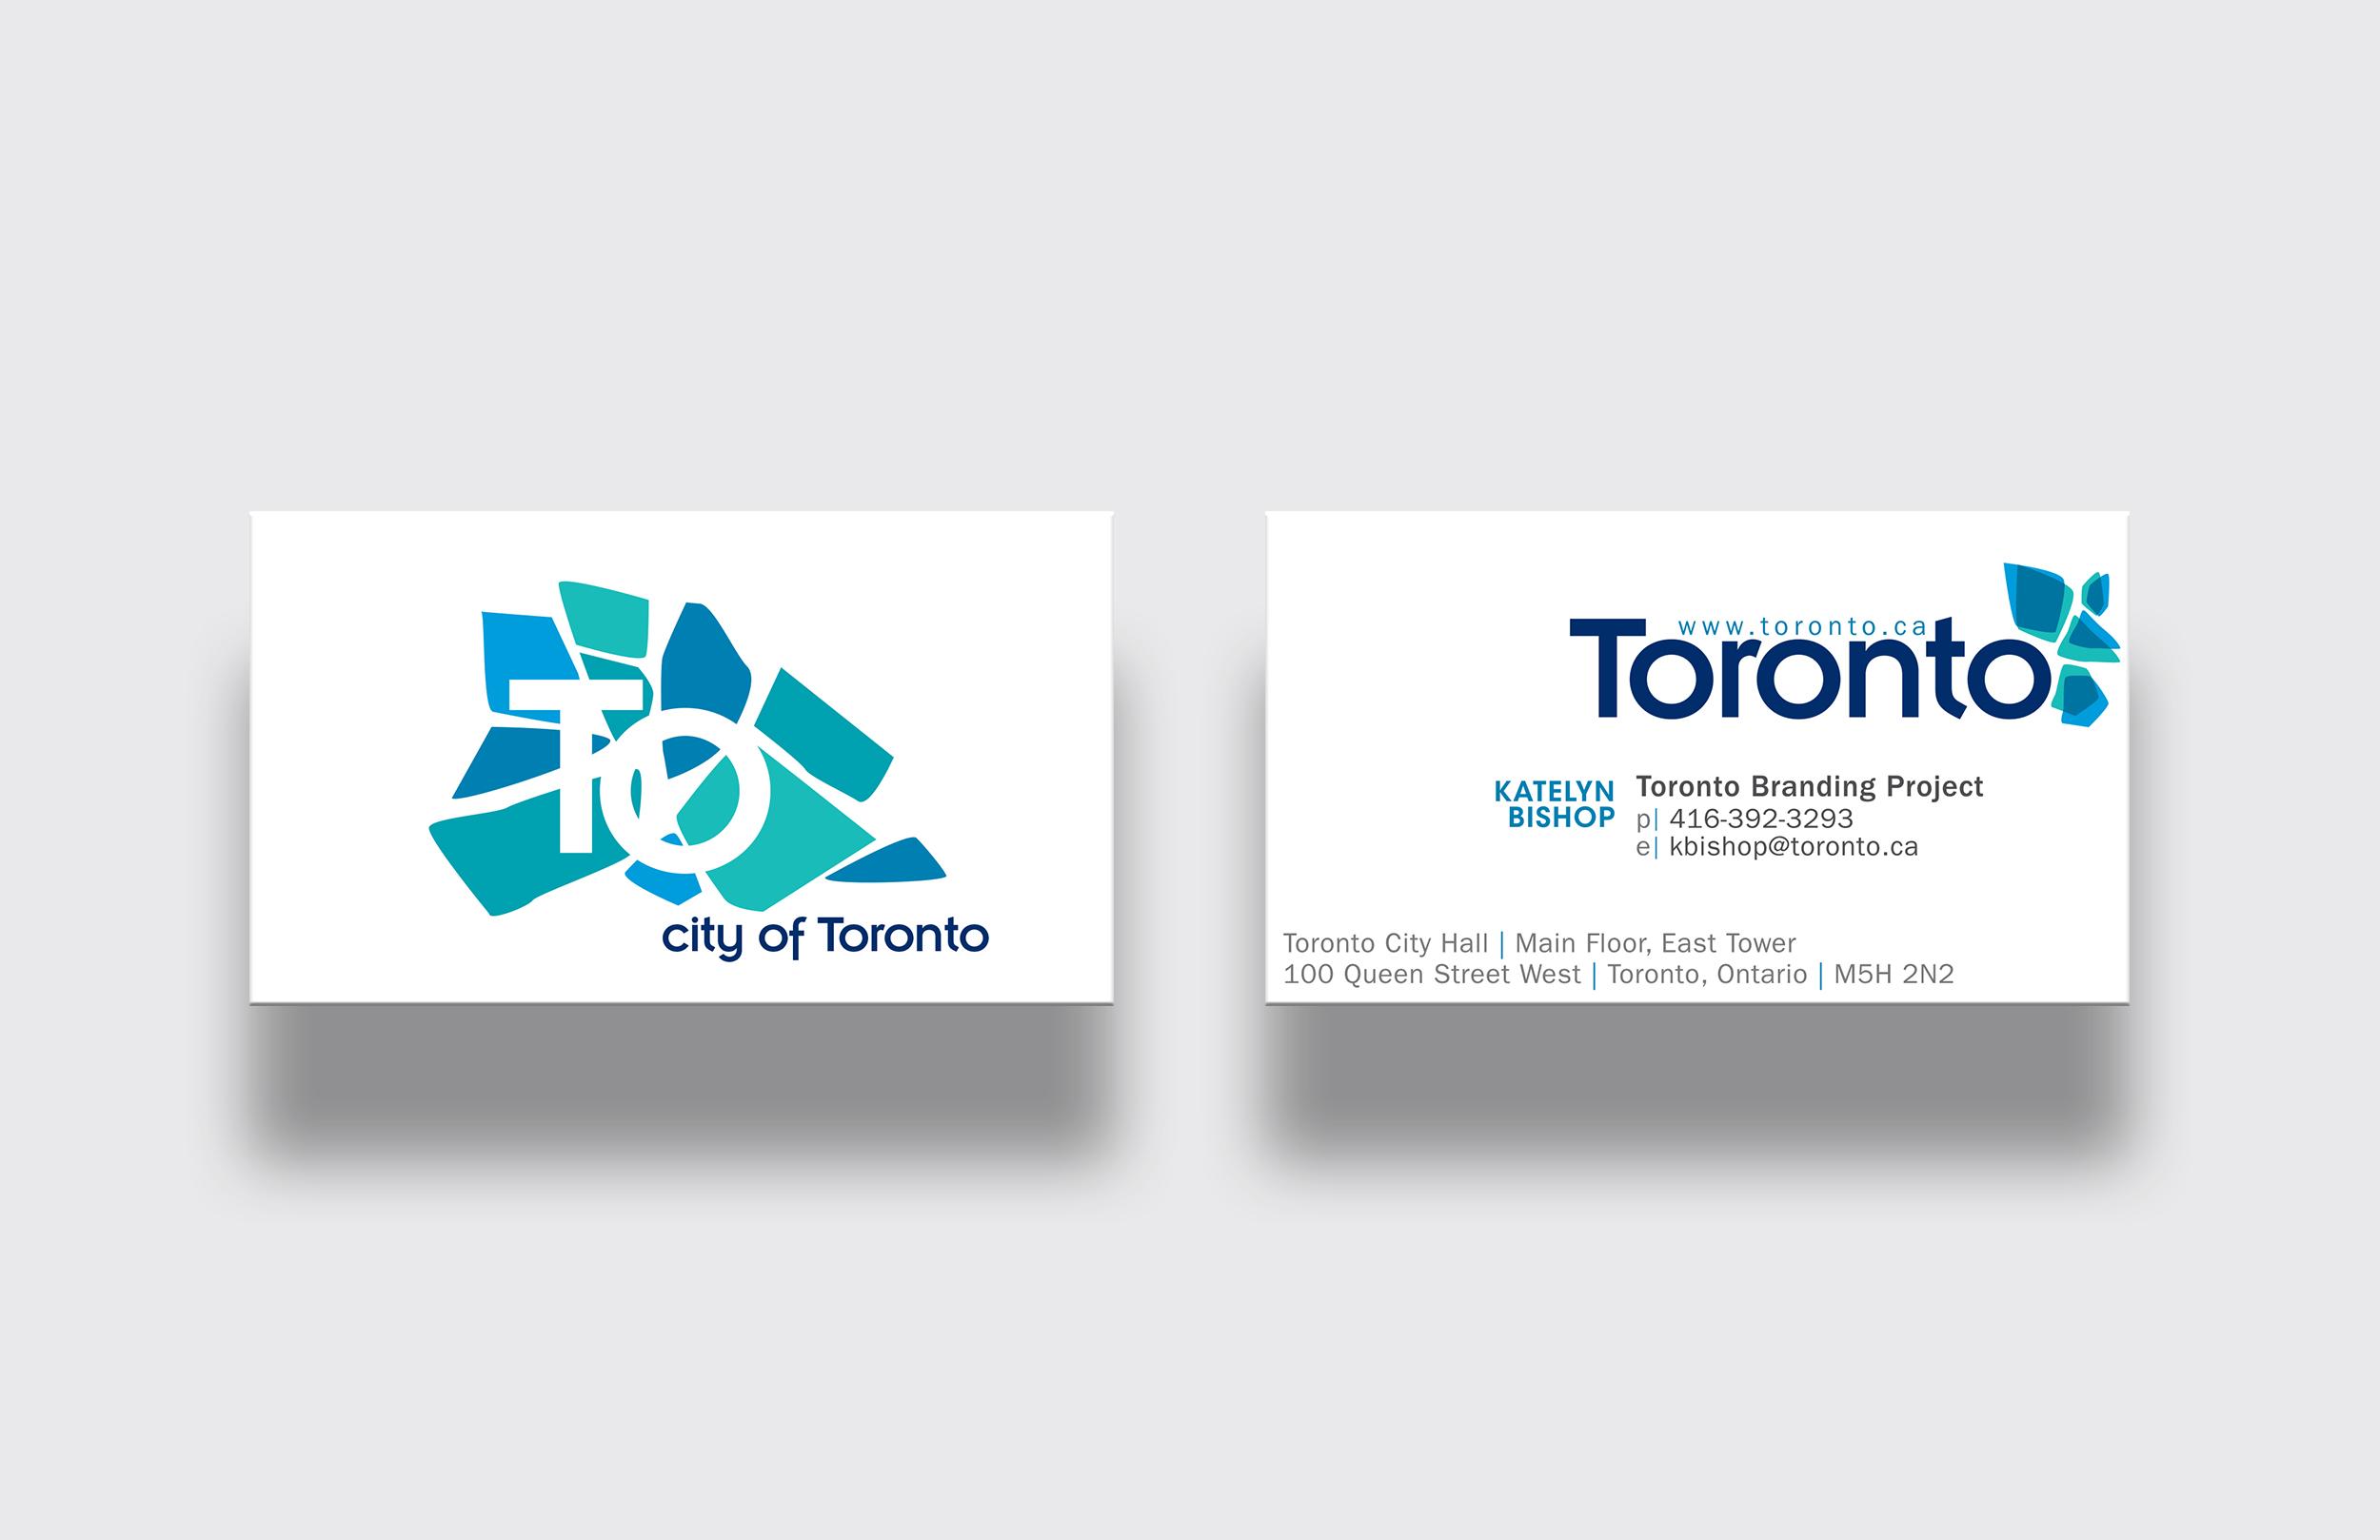 katelynbishop_design_cityoftoronto_businesscards